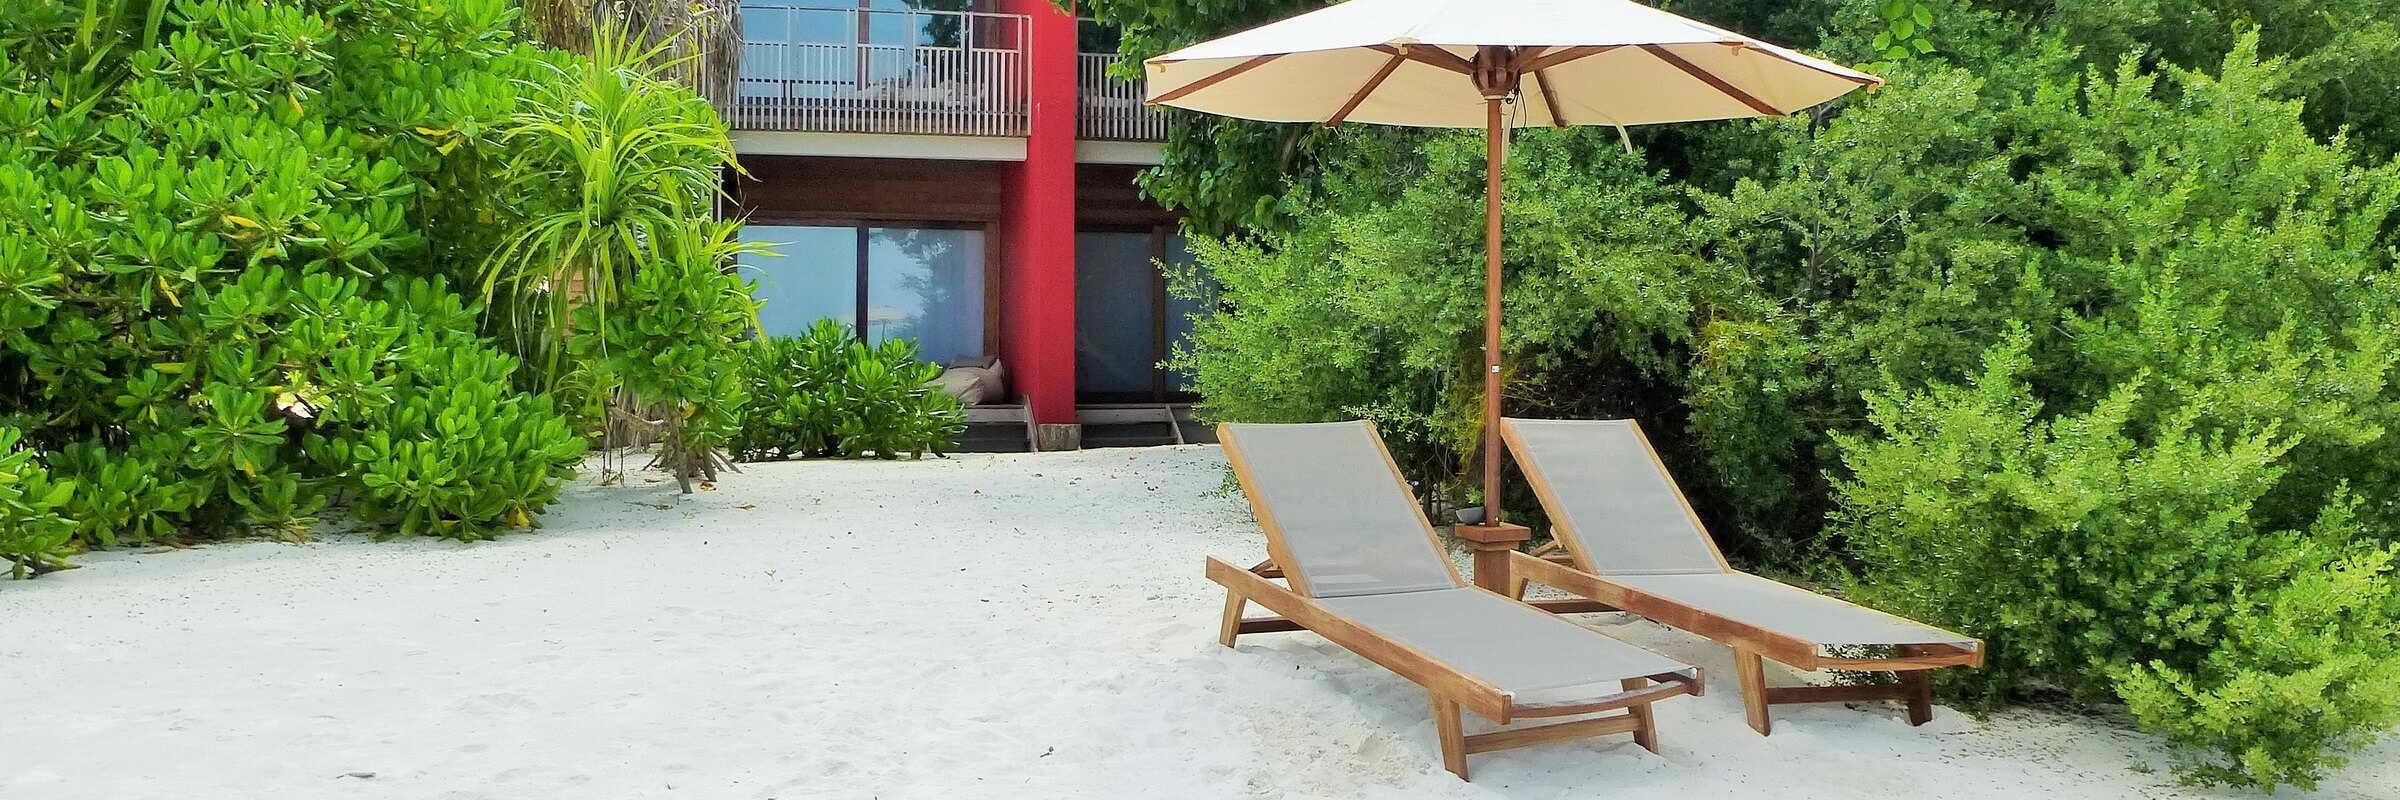 Die Strandliegen am hauseigenen Sandstrand vor The Barefoot Eco Hotel laden zum Verweilen ein.